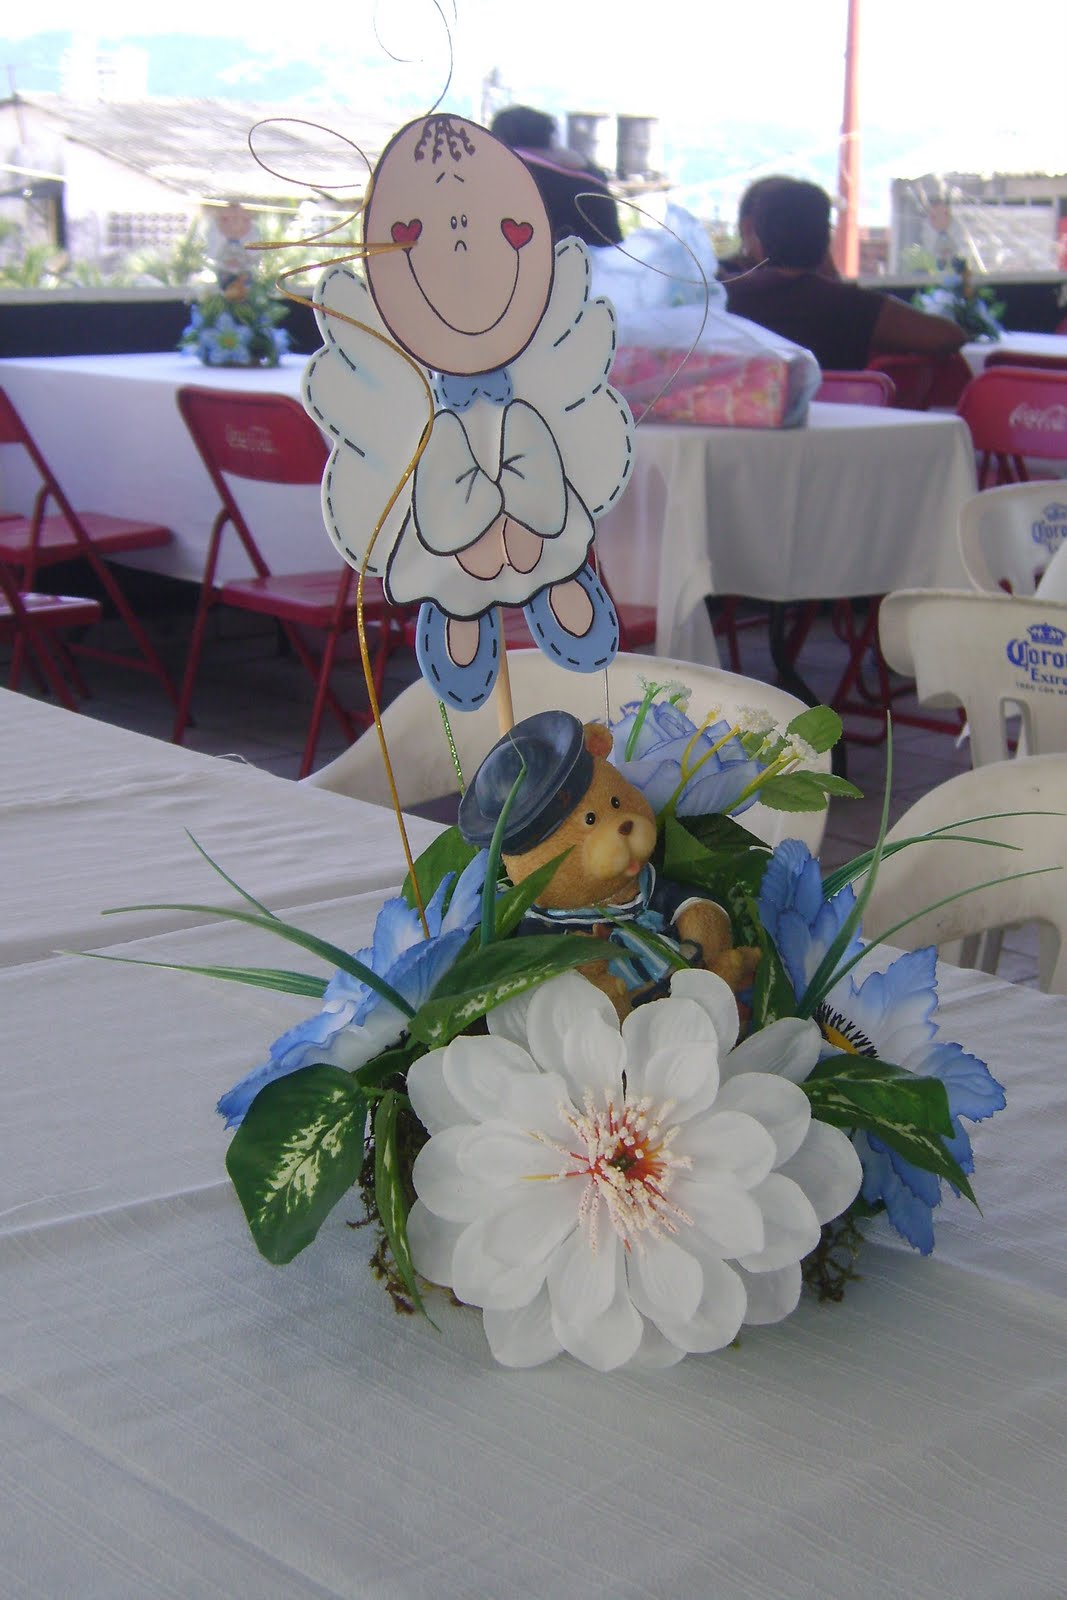 Bautizo Decoracion Manualidades ~ domingo, 15 de agosto de 2010